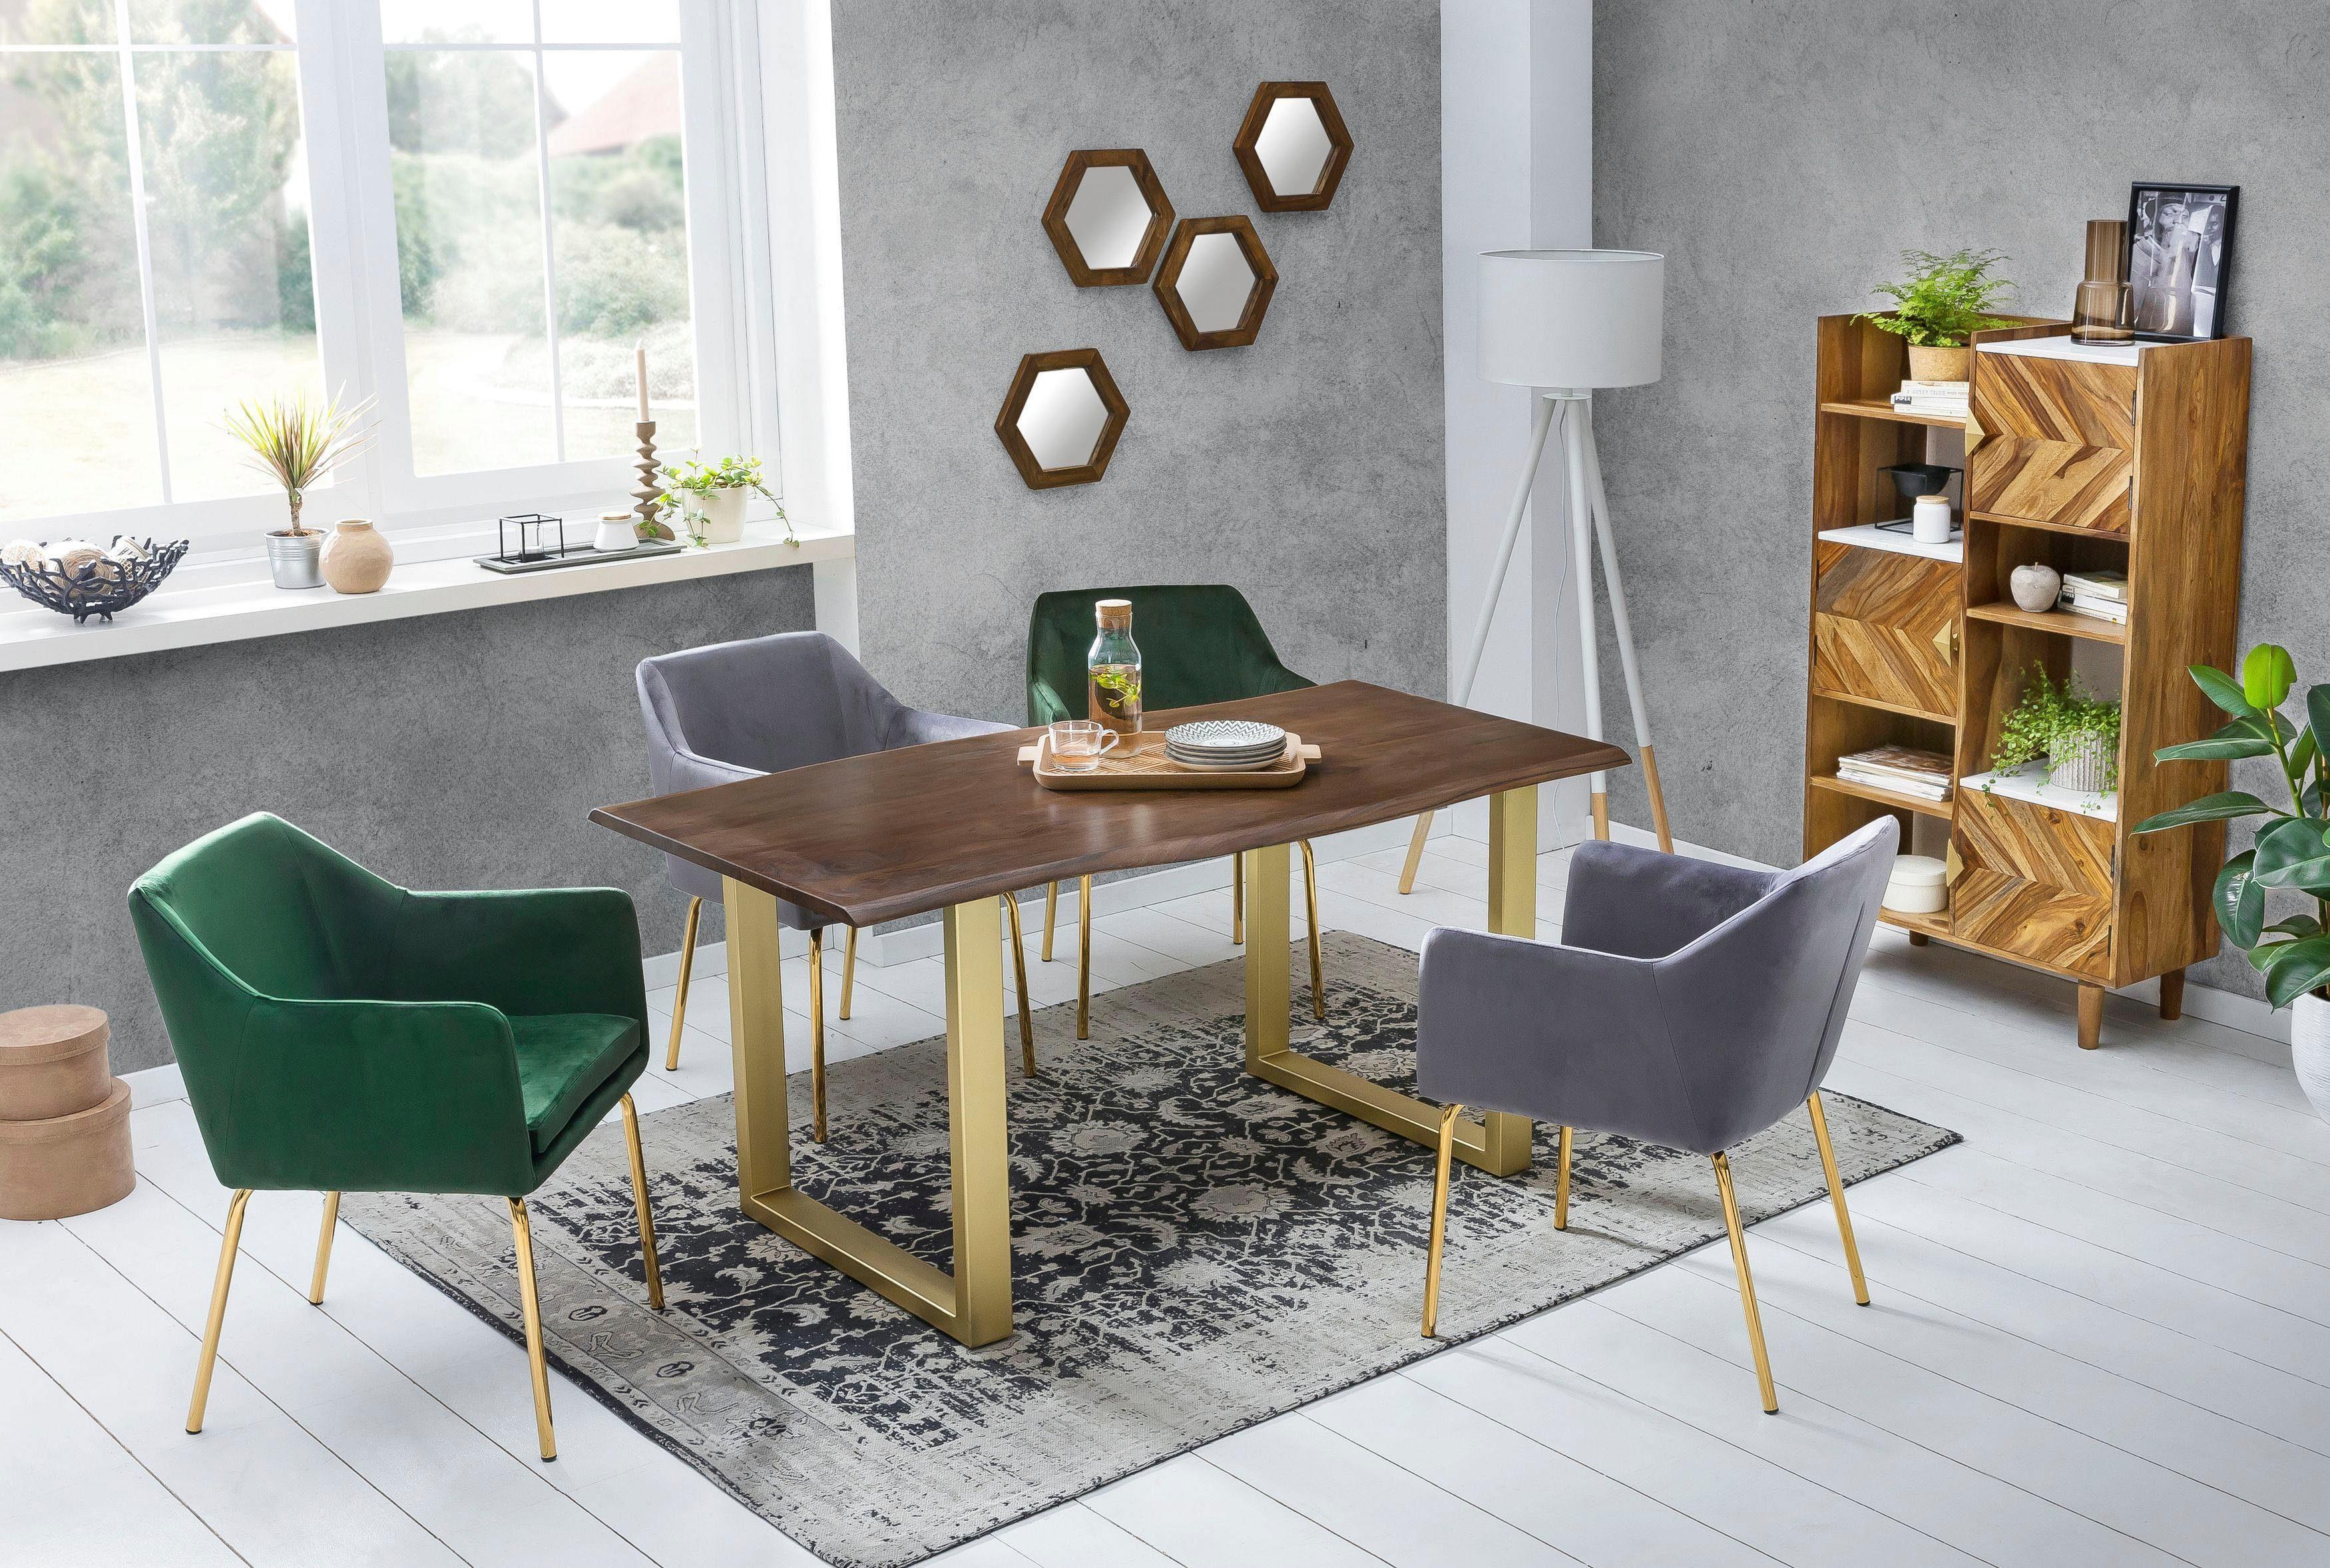 SIT Esstisch Tops&Tables, mit elegantem goldfarbenem Gestell braun Holz-Esstische Holztische Tische